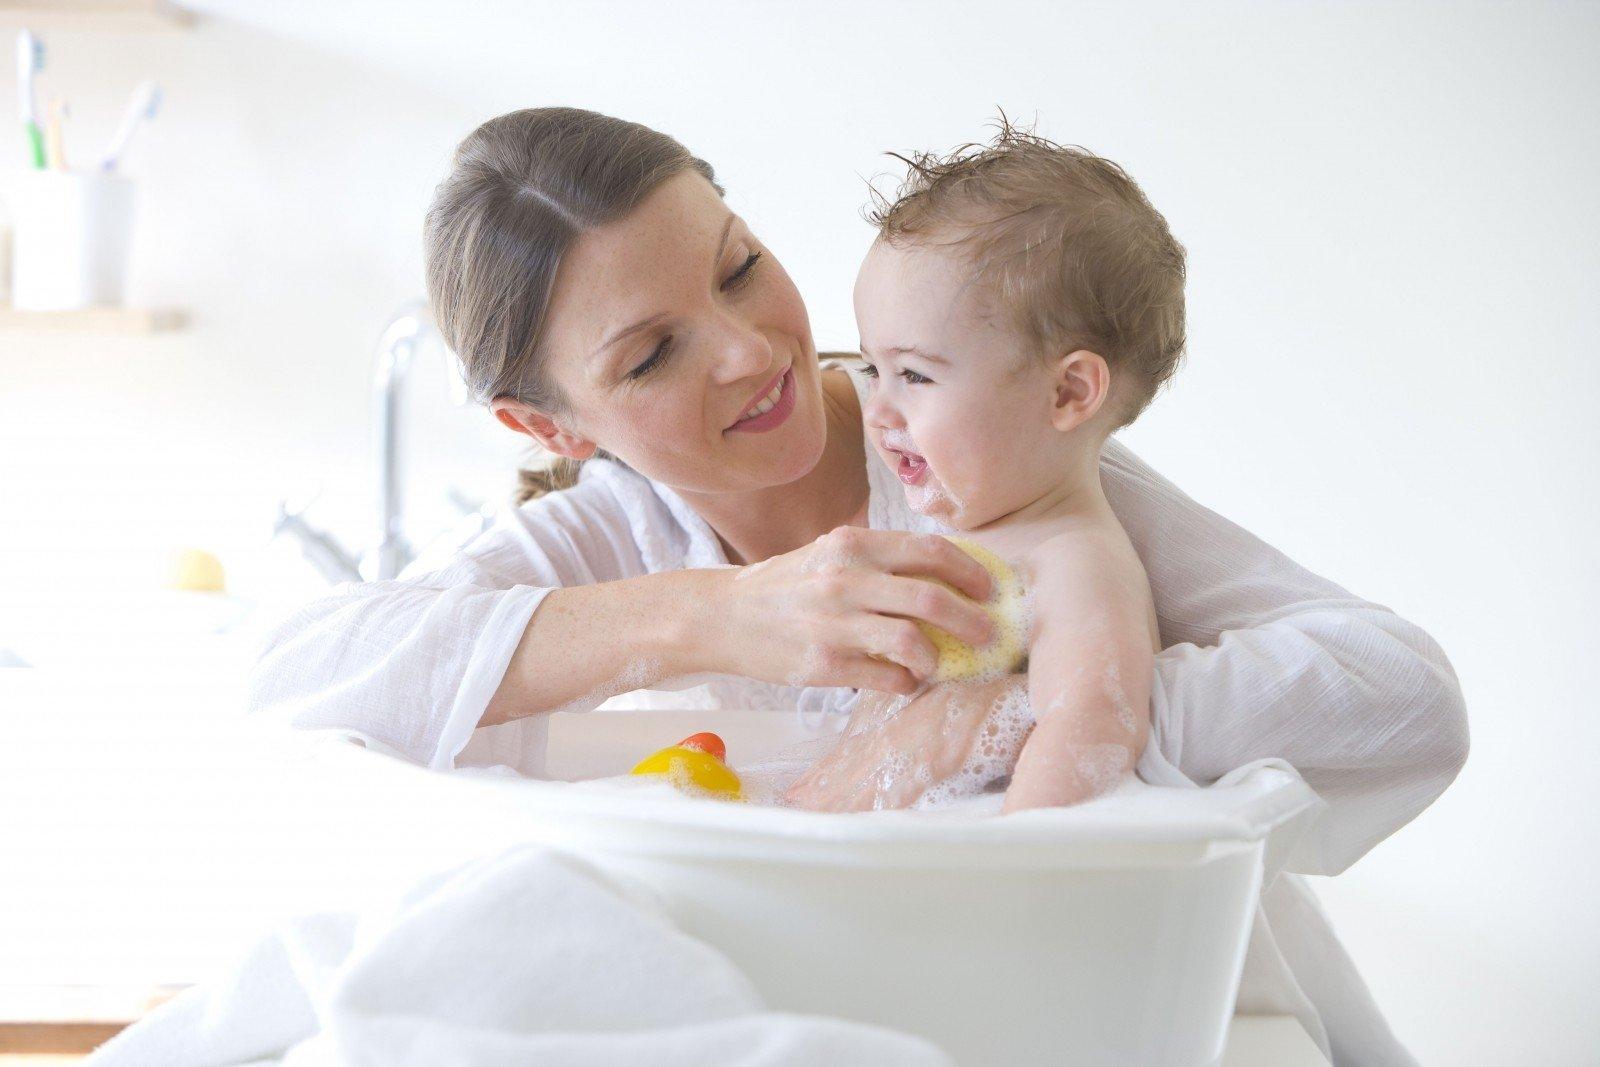 Trẻ bị mụn sữa phải làm sao? Trẻ bị mụn sữa tắm lá gì? - ảnh 1